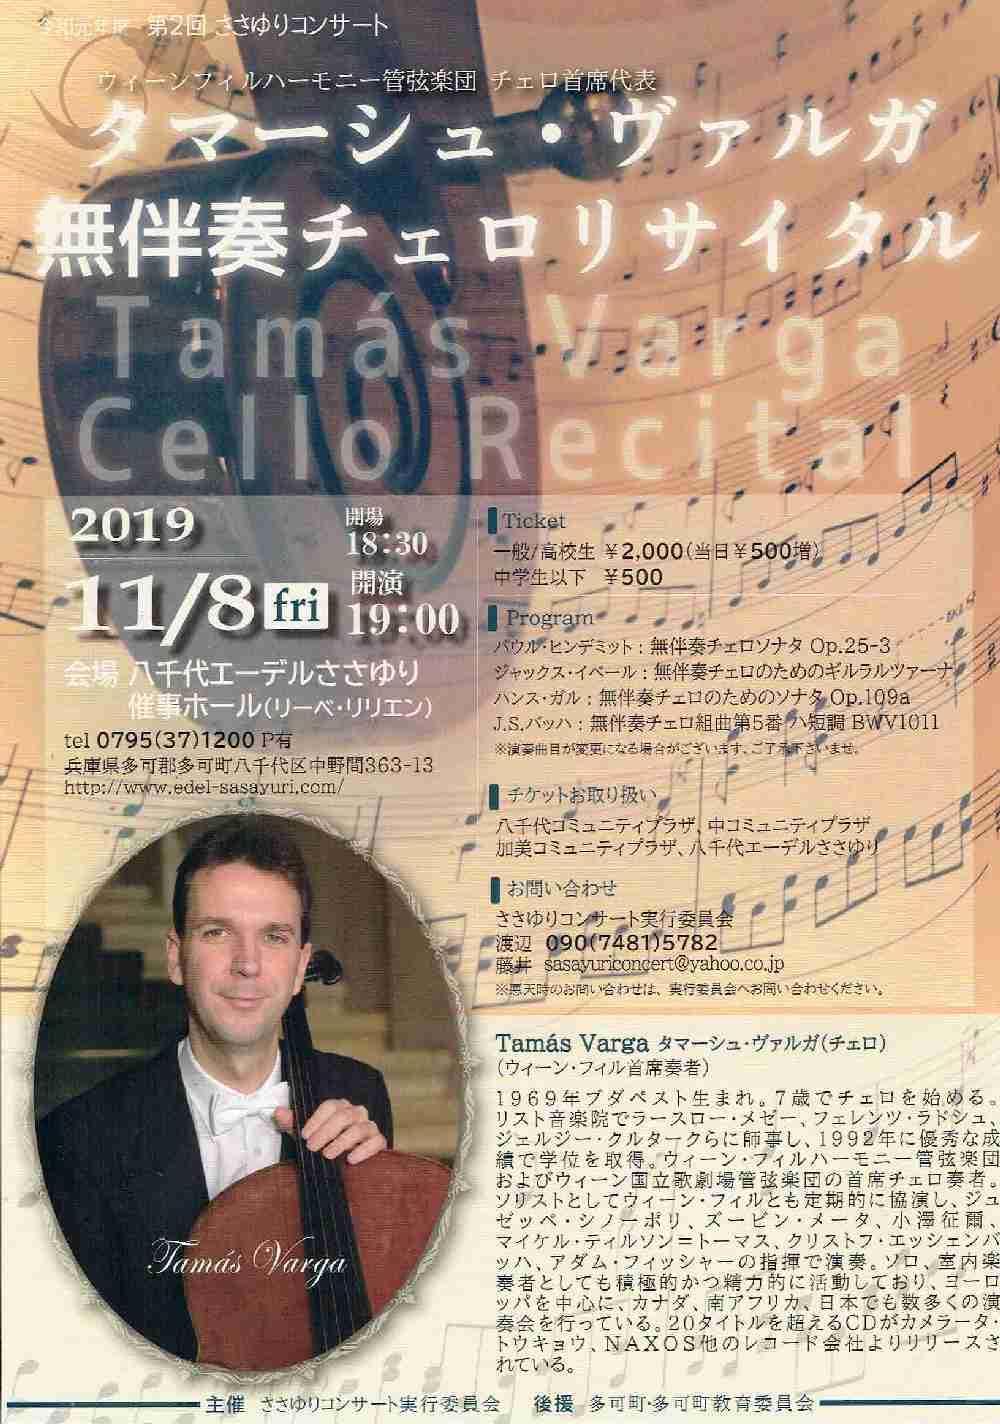 11/8 タマーシュ・ヴァルガ無伴奏チェロリサイタル:エーデルささゆり